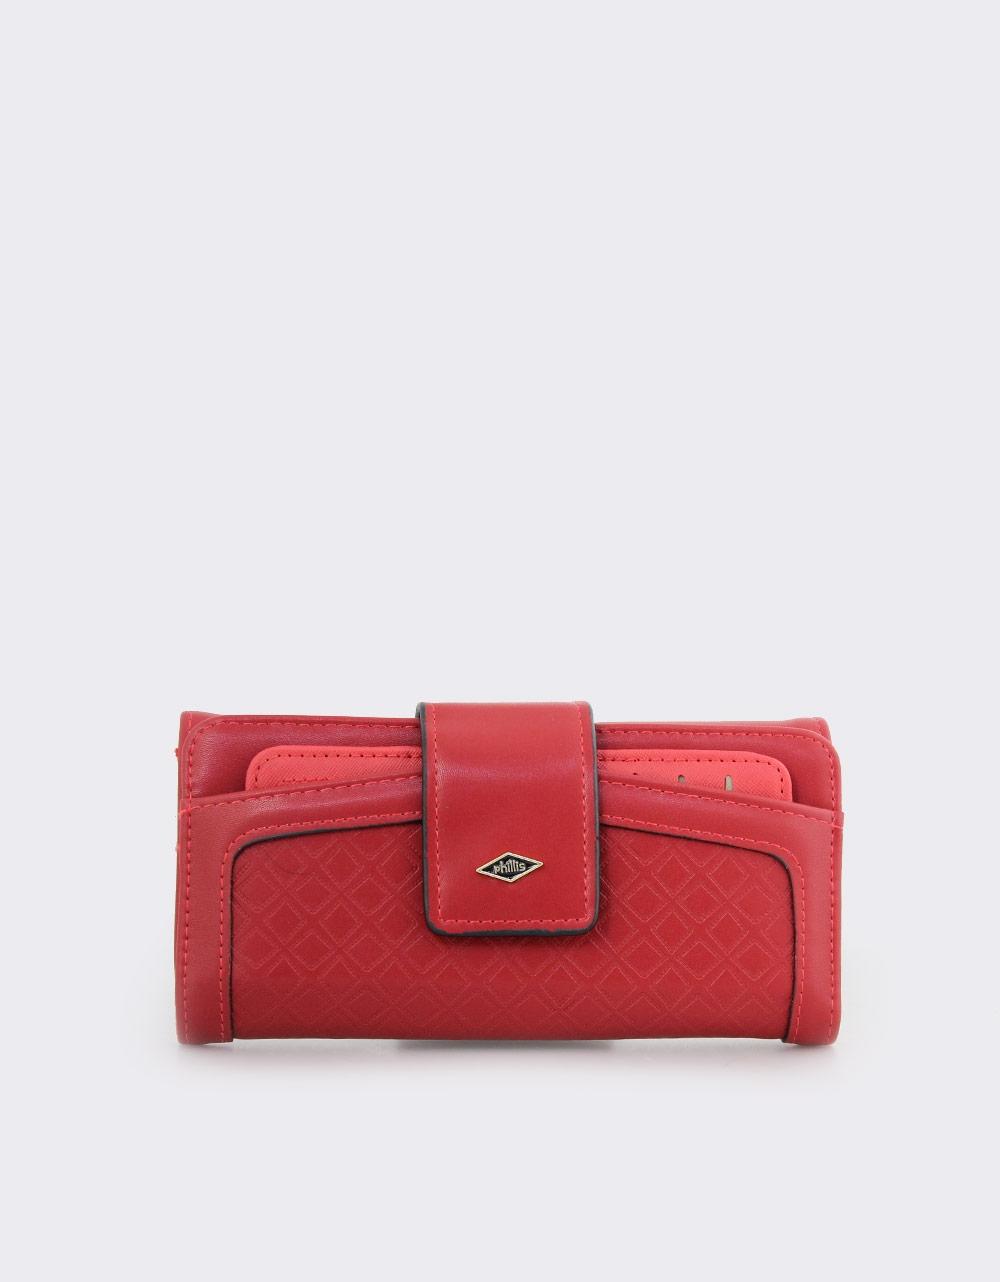 Εικόνα από Γυναικεία πορτοφόλια με ανάγλυφη λεπτομέρεια Μπορντώ